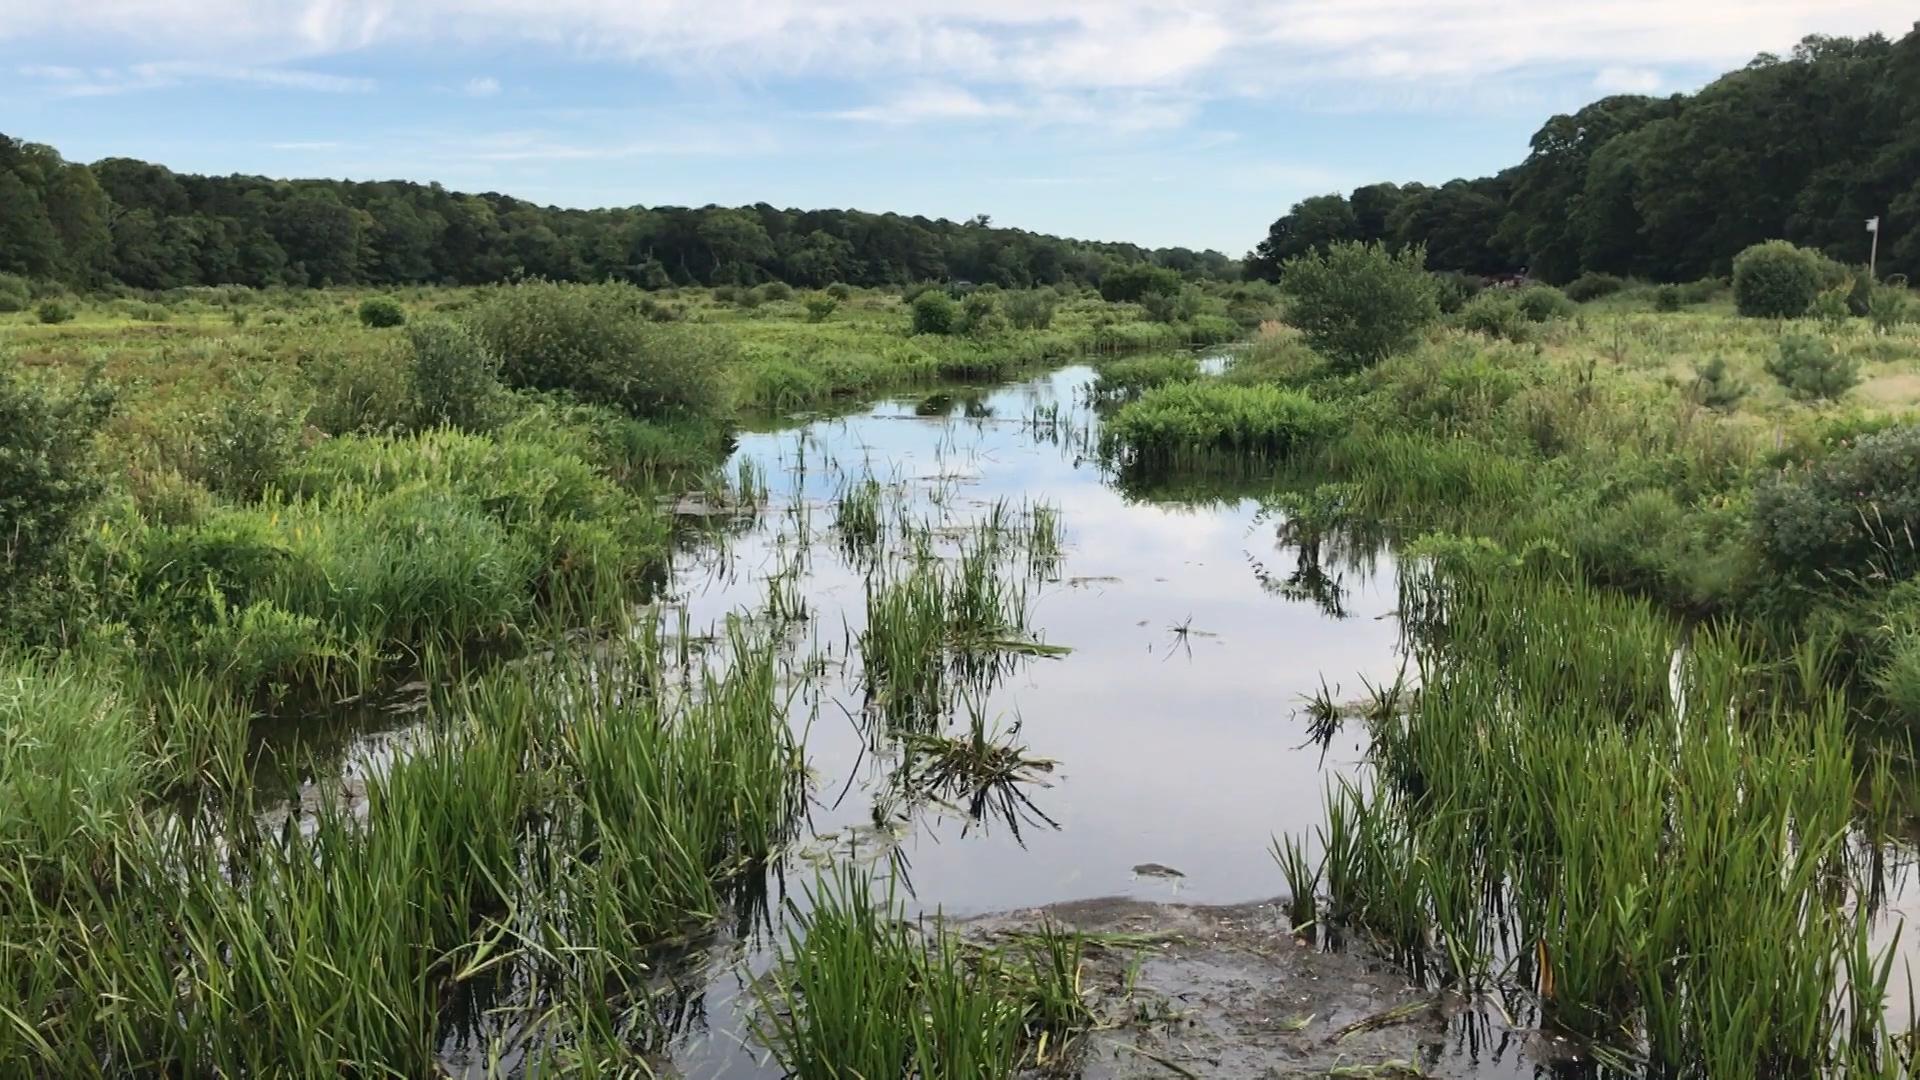 Restoring a River: Bringing back the Coonamessett